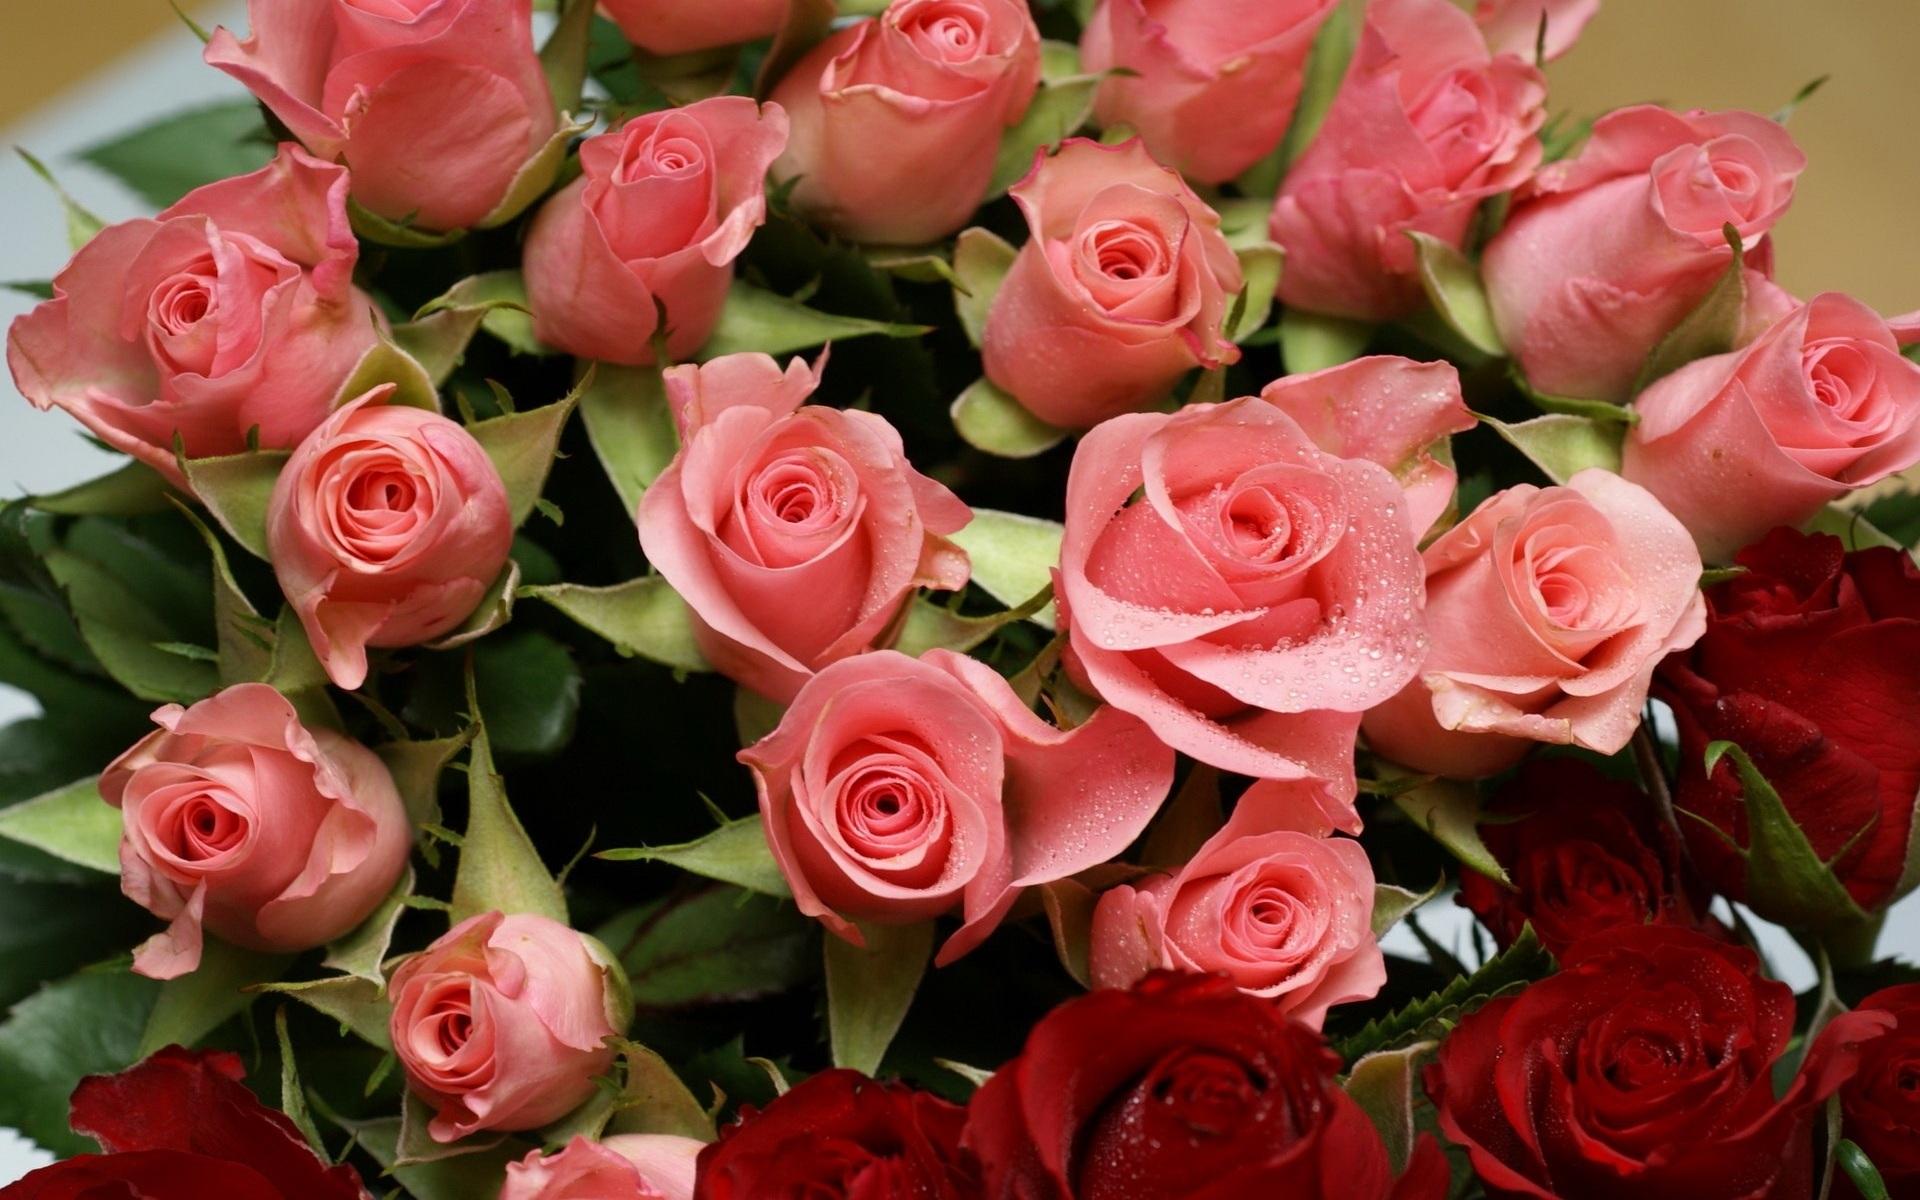 крылышки красивые открытки с розами фото верхнем ребре трапеции